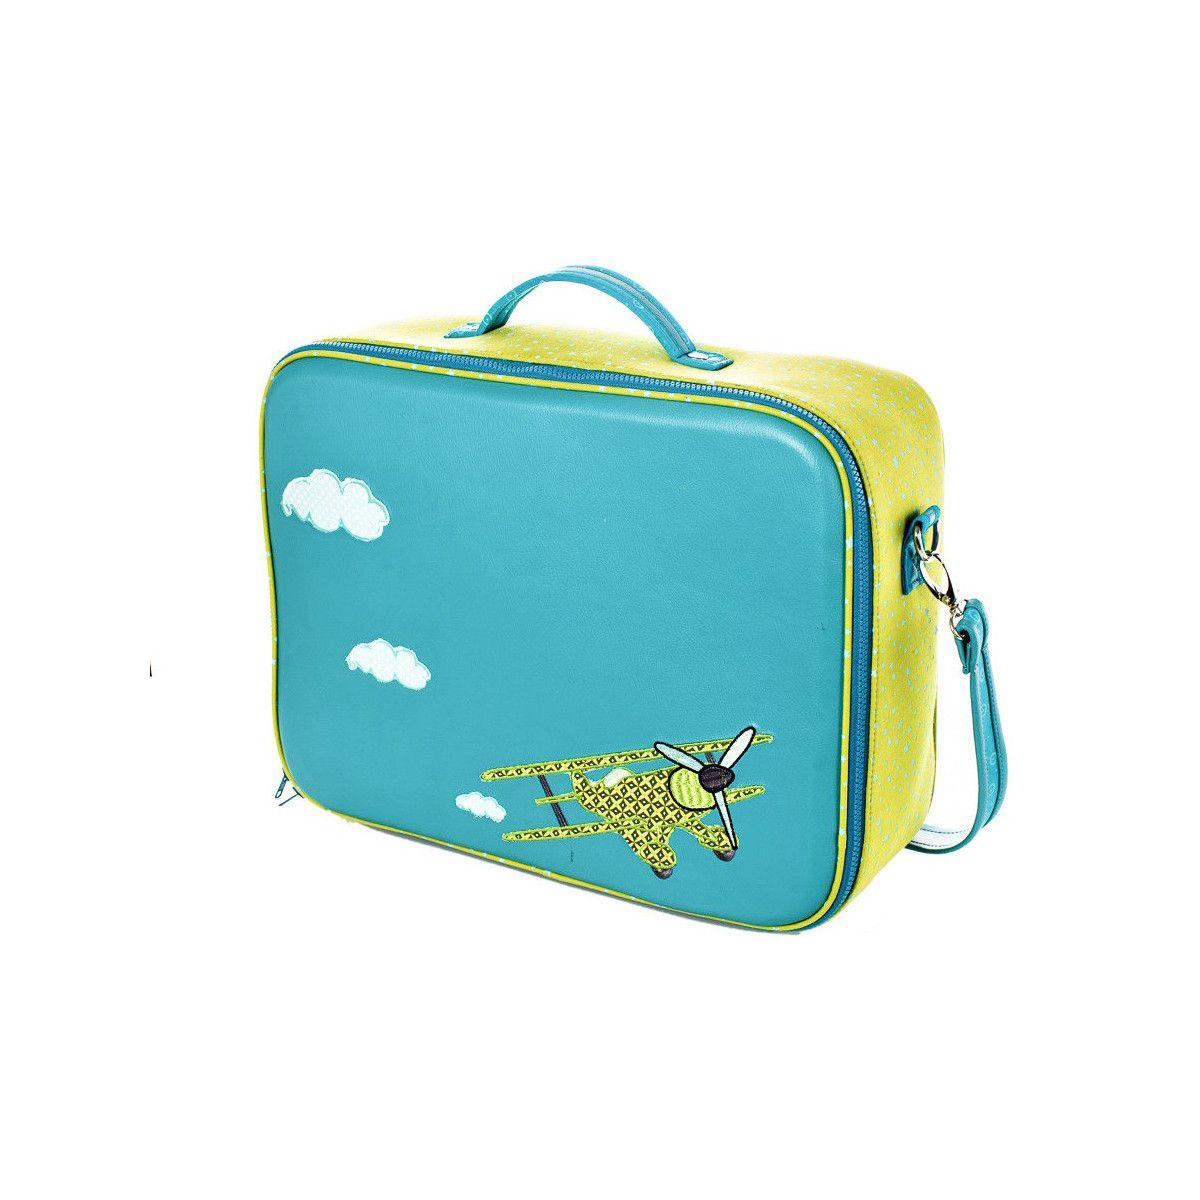 valise-originale-de-voyage-bébé-enfant-avion-bleu-et-vert